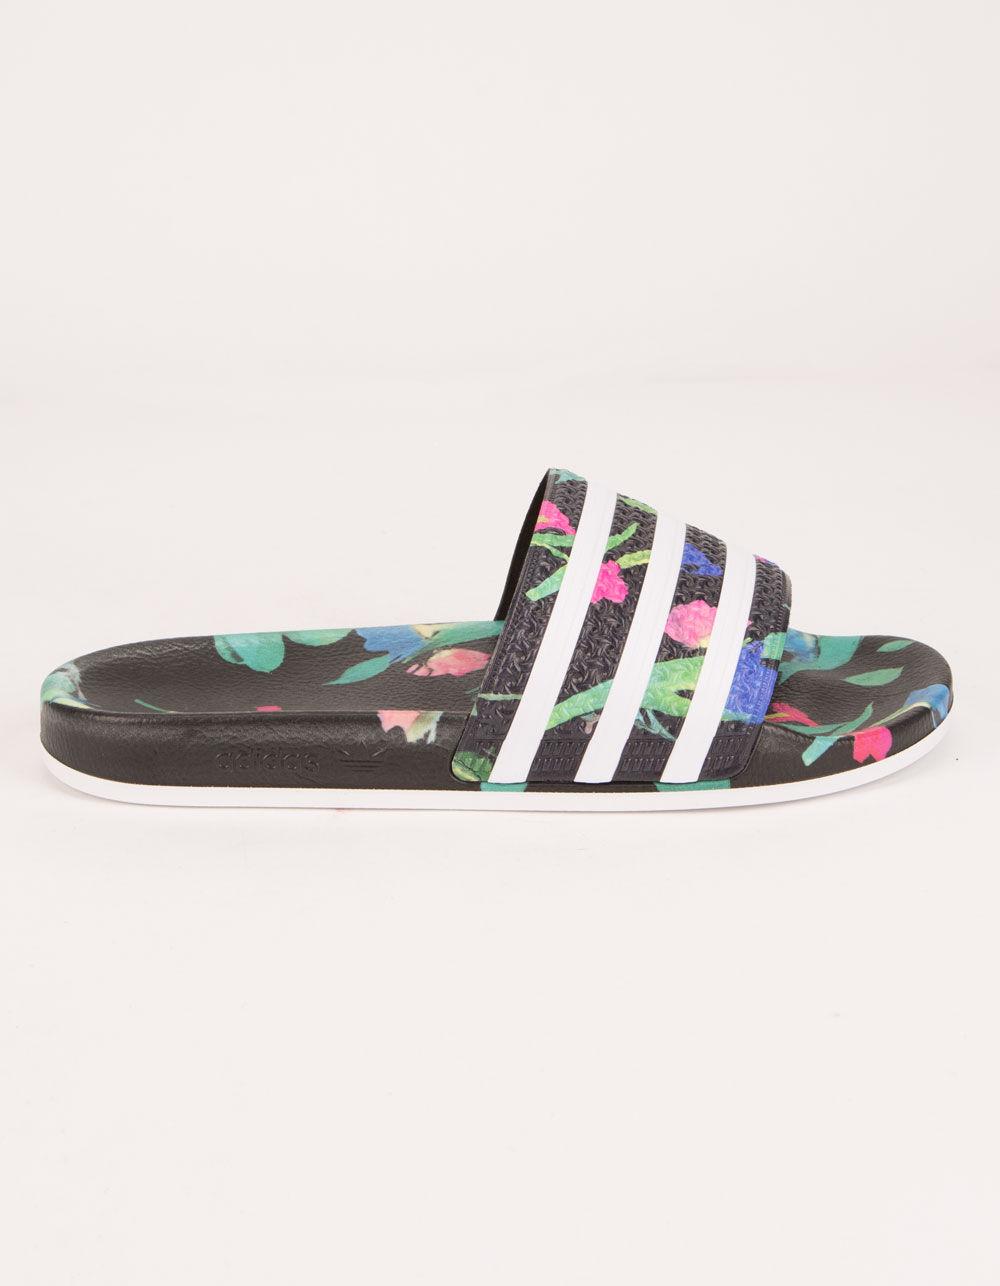 ADIDAS Adilette Black Sandals